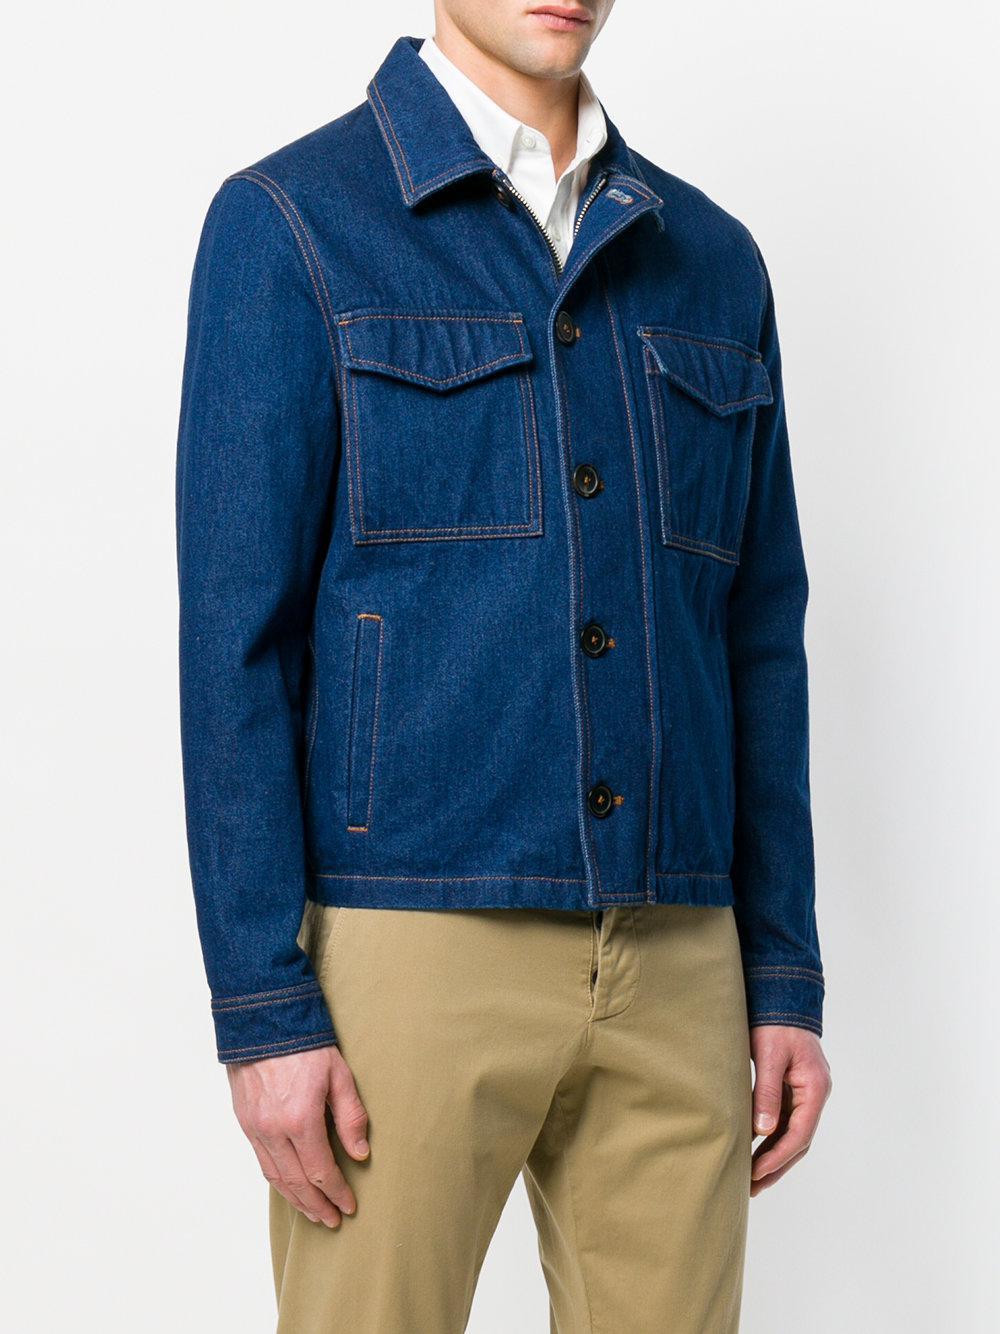 AMI Zipped Denim Jacket in het Blauw voor heren